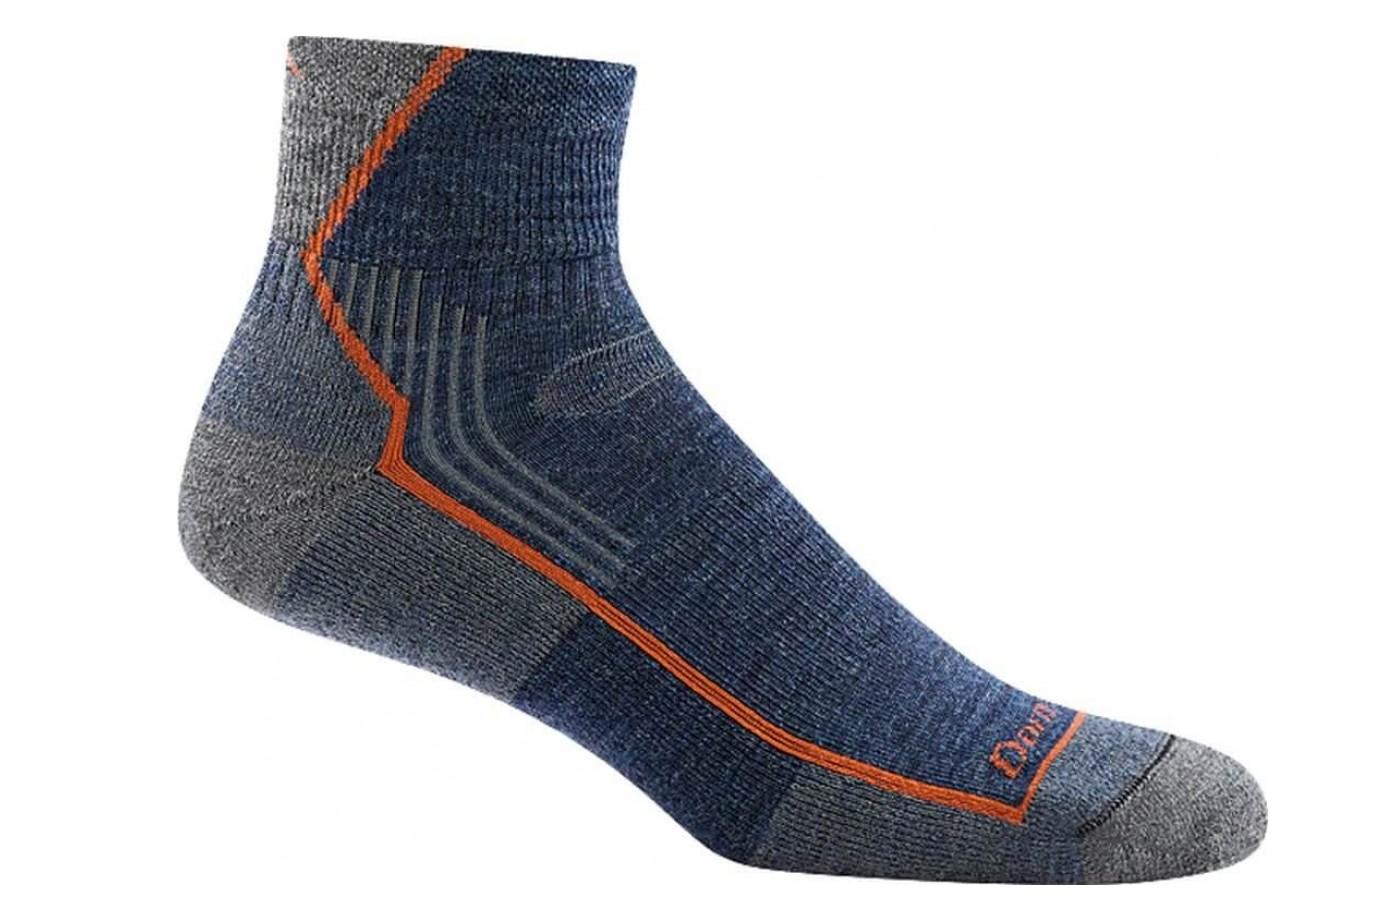 Darn Tough Hiker Socks denim